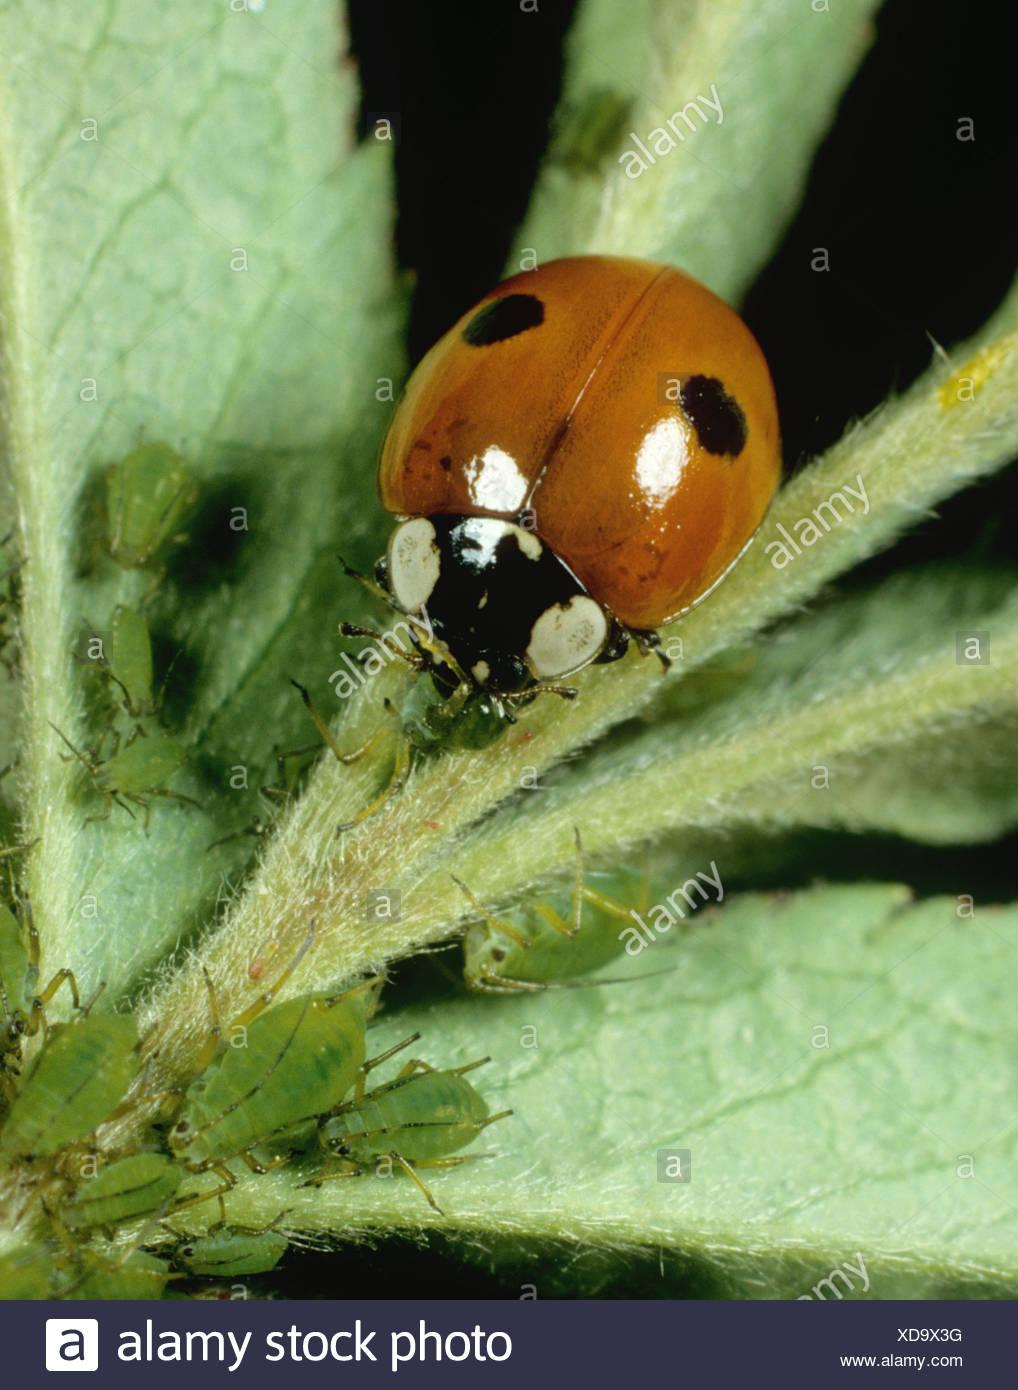 Two spot ladybird Adala bipunctata feeding on rose aphids Macrosiphum rosae - Stock Image